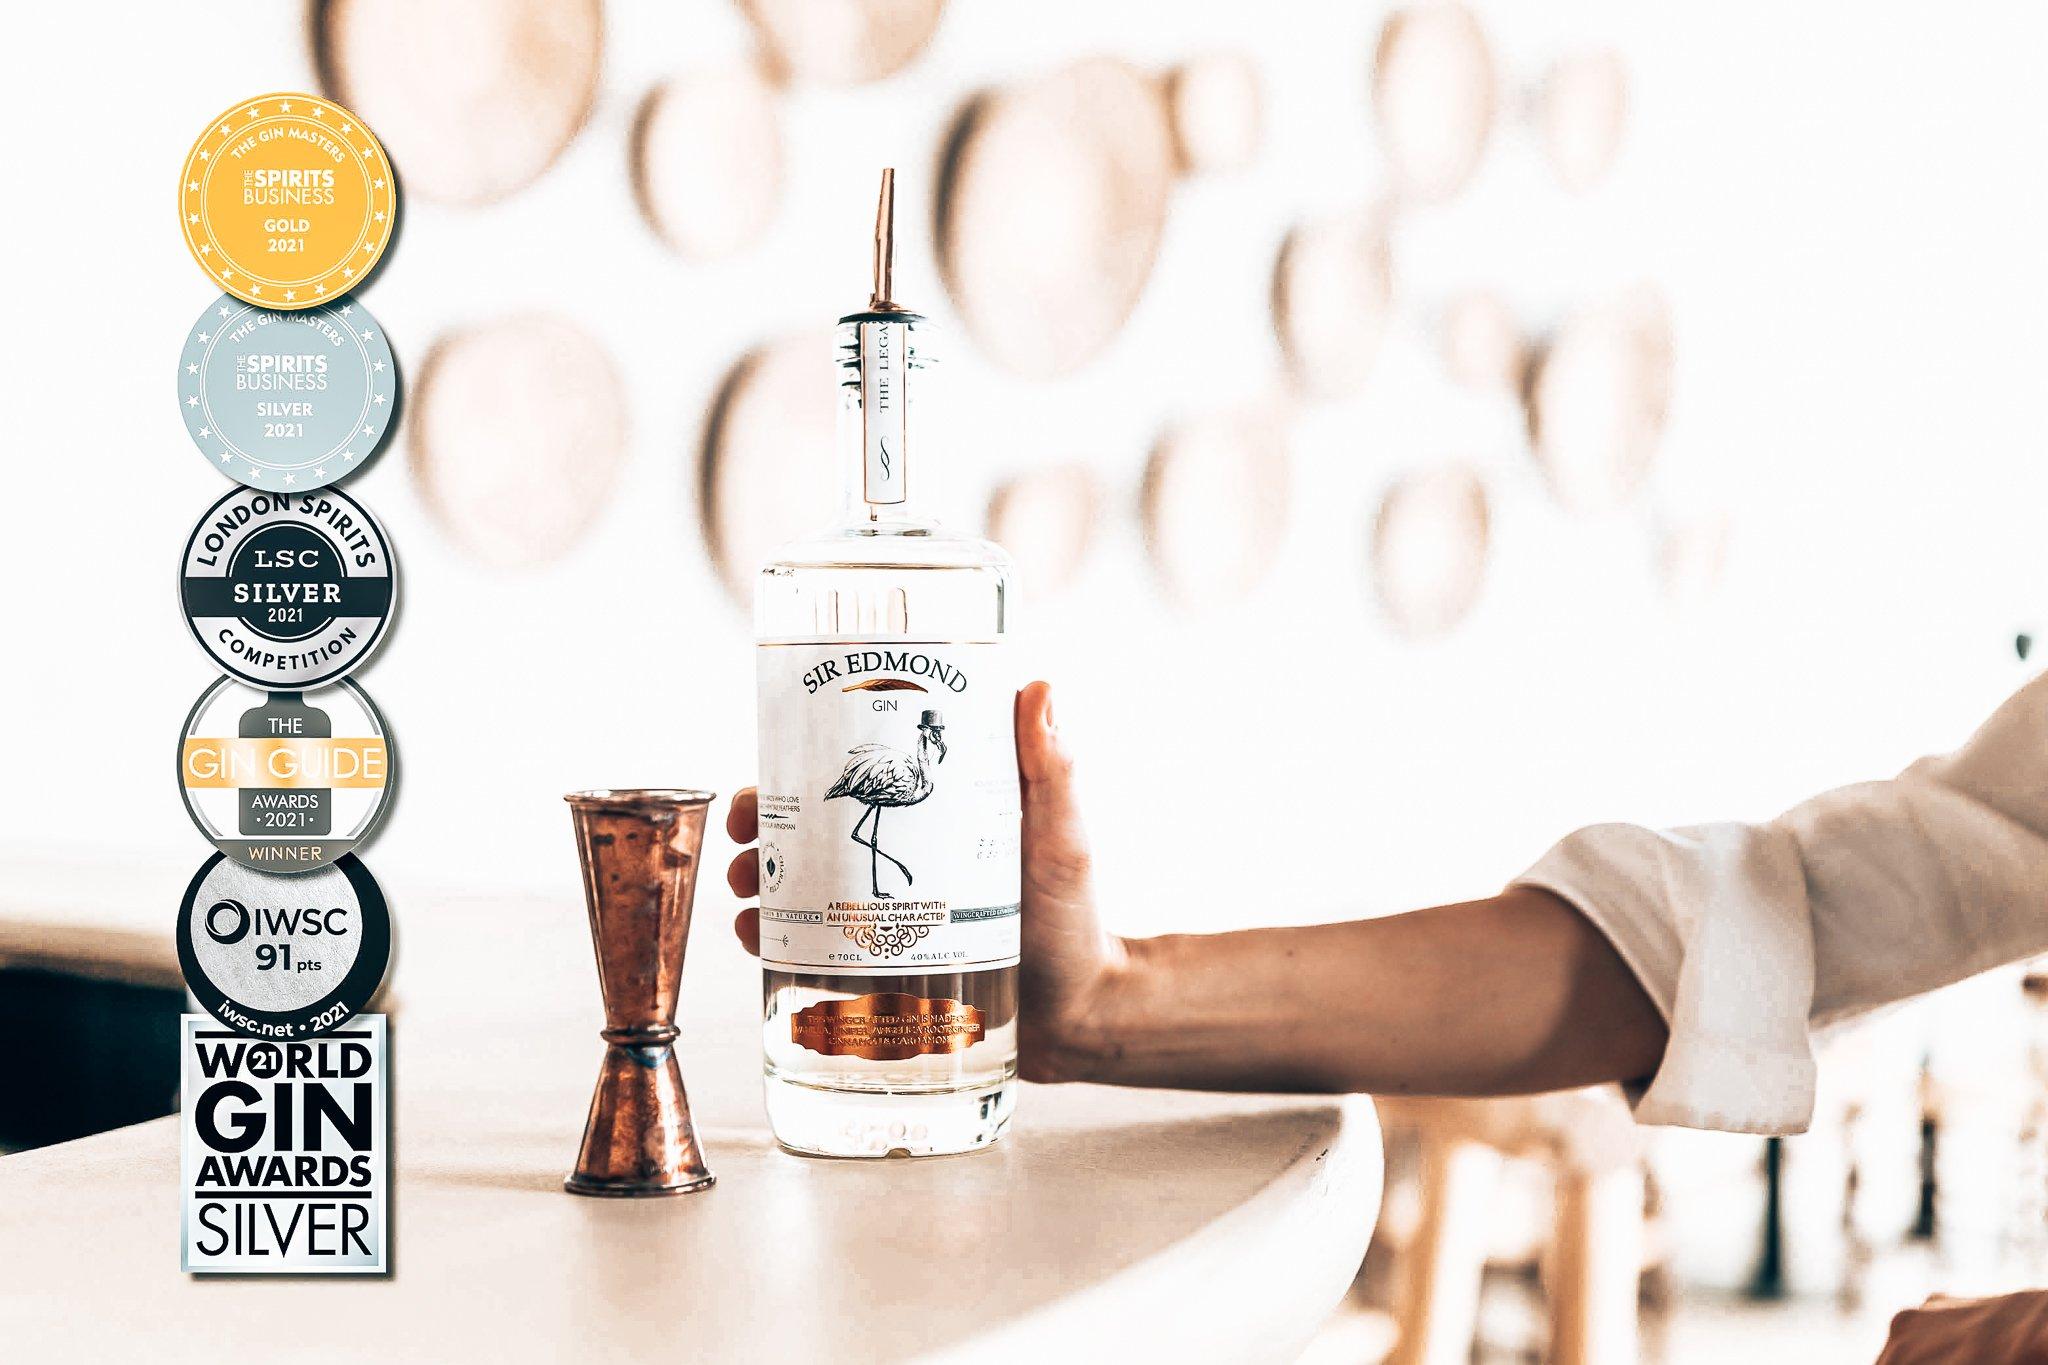 Sir Edmond Gin met medailles, Alles over gin.